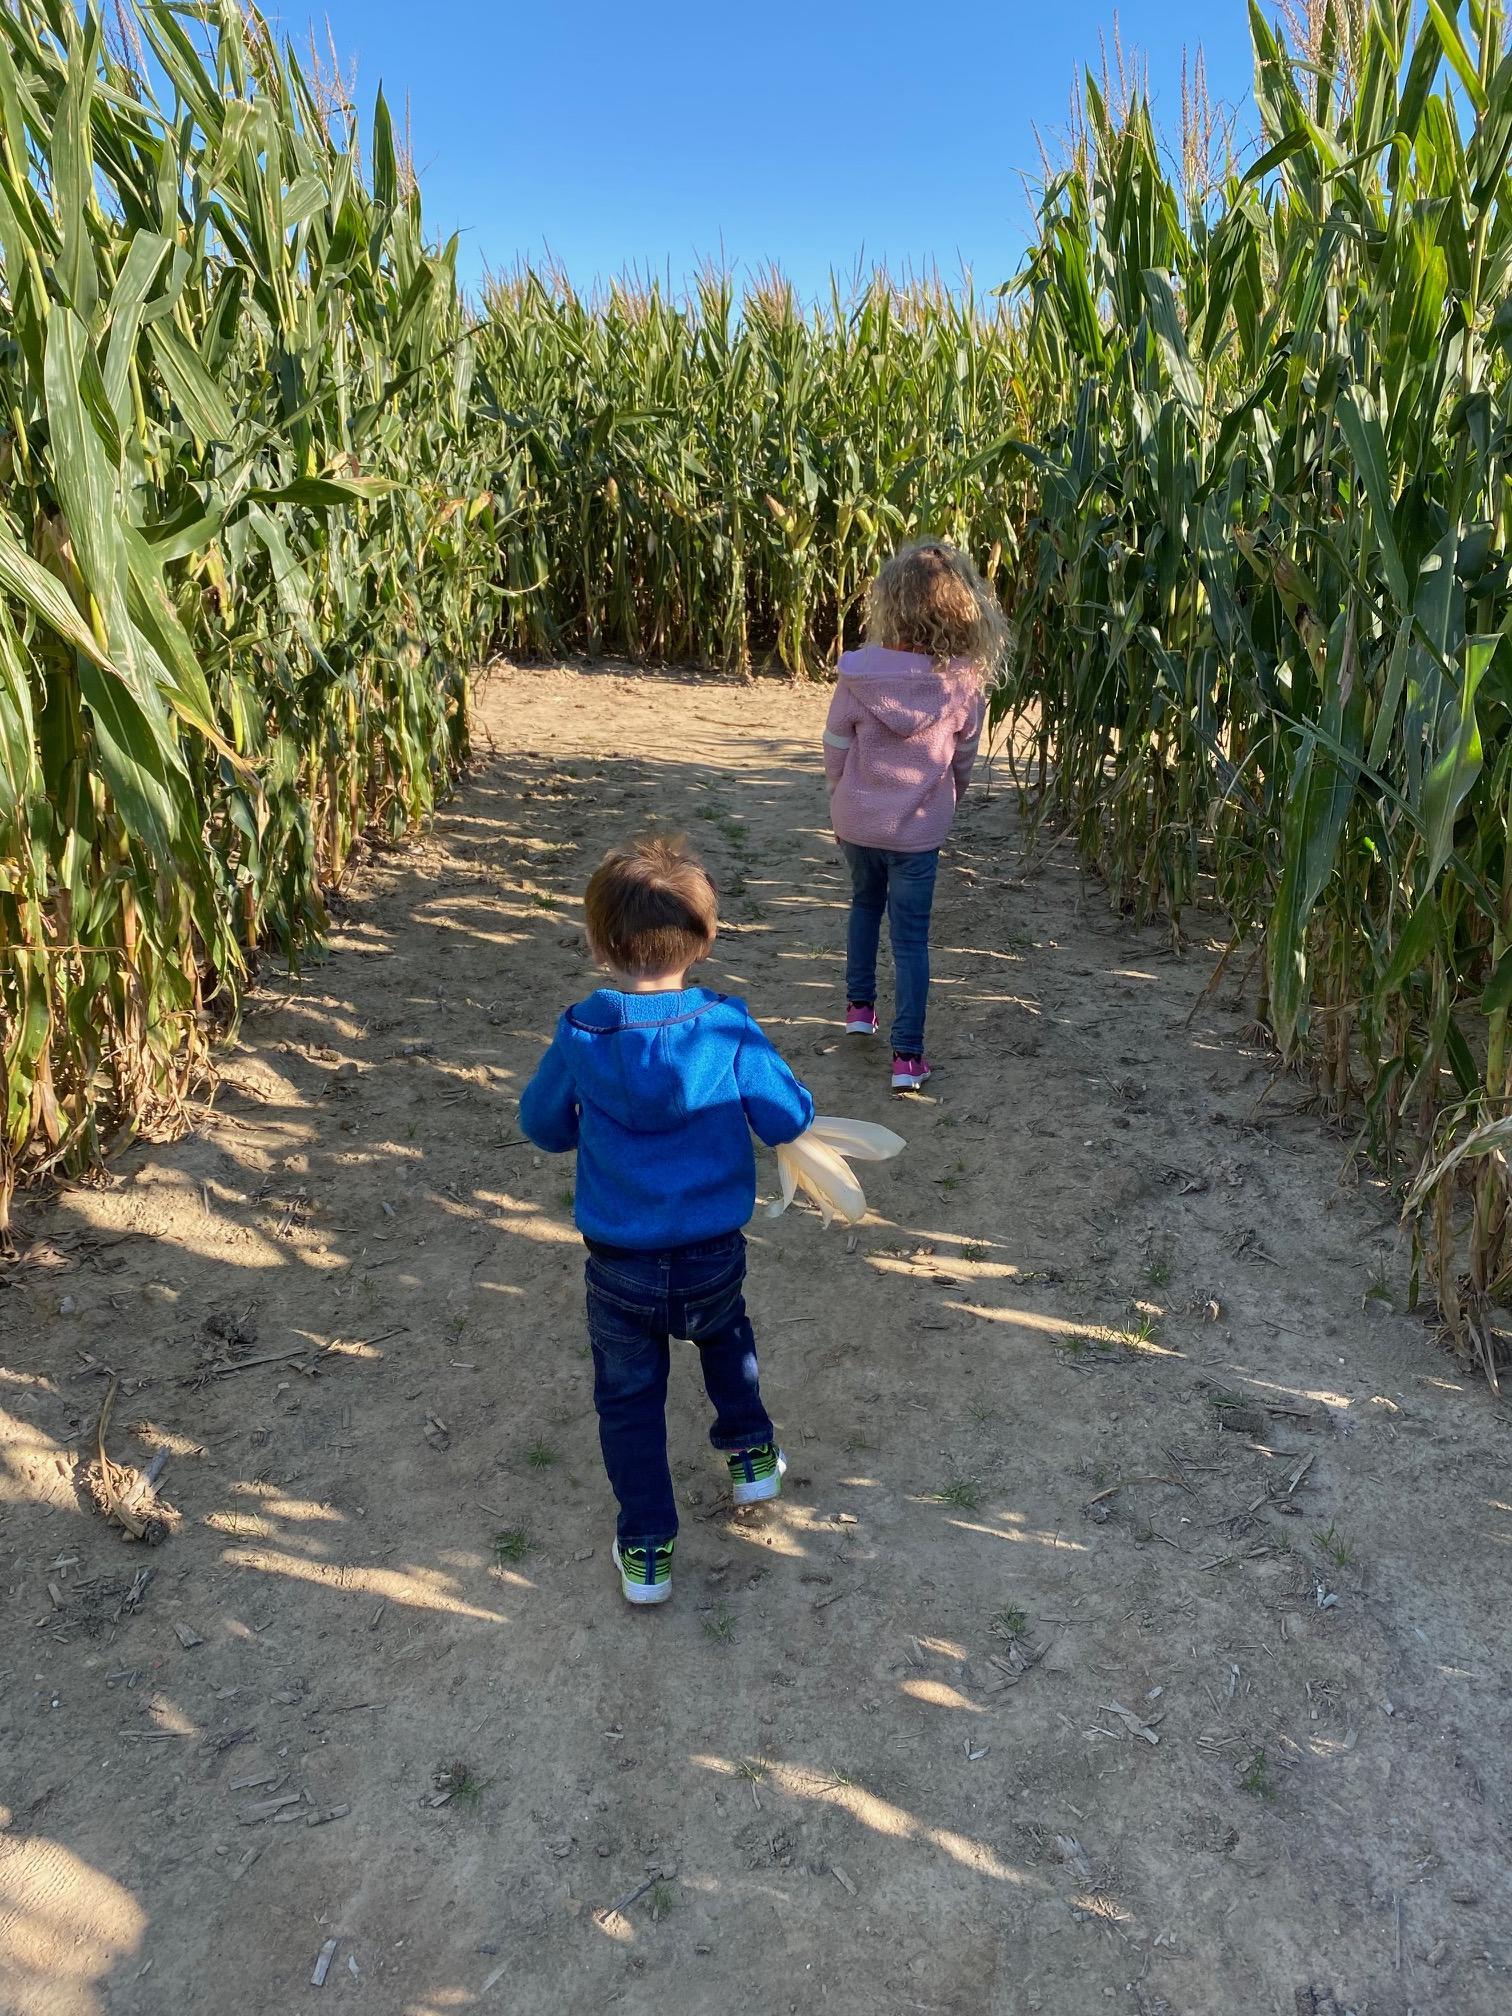 Kent's Cucurbits Corn Maze